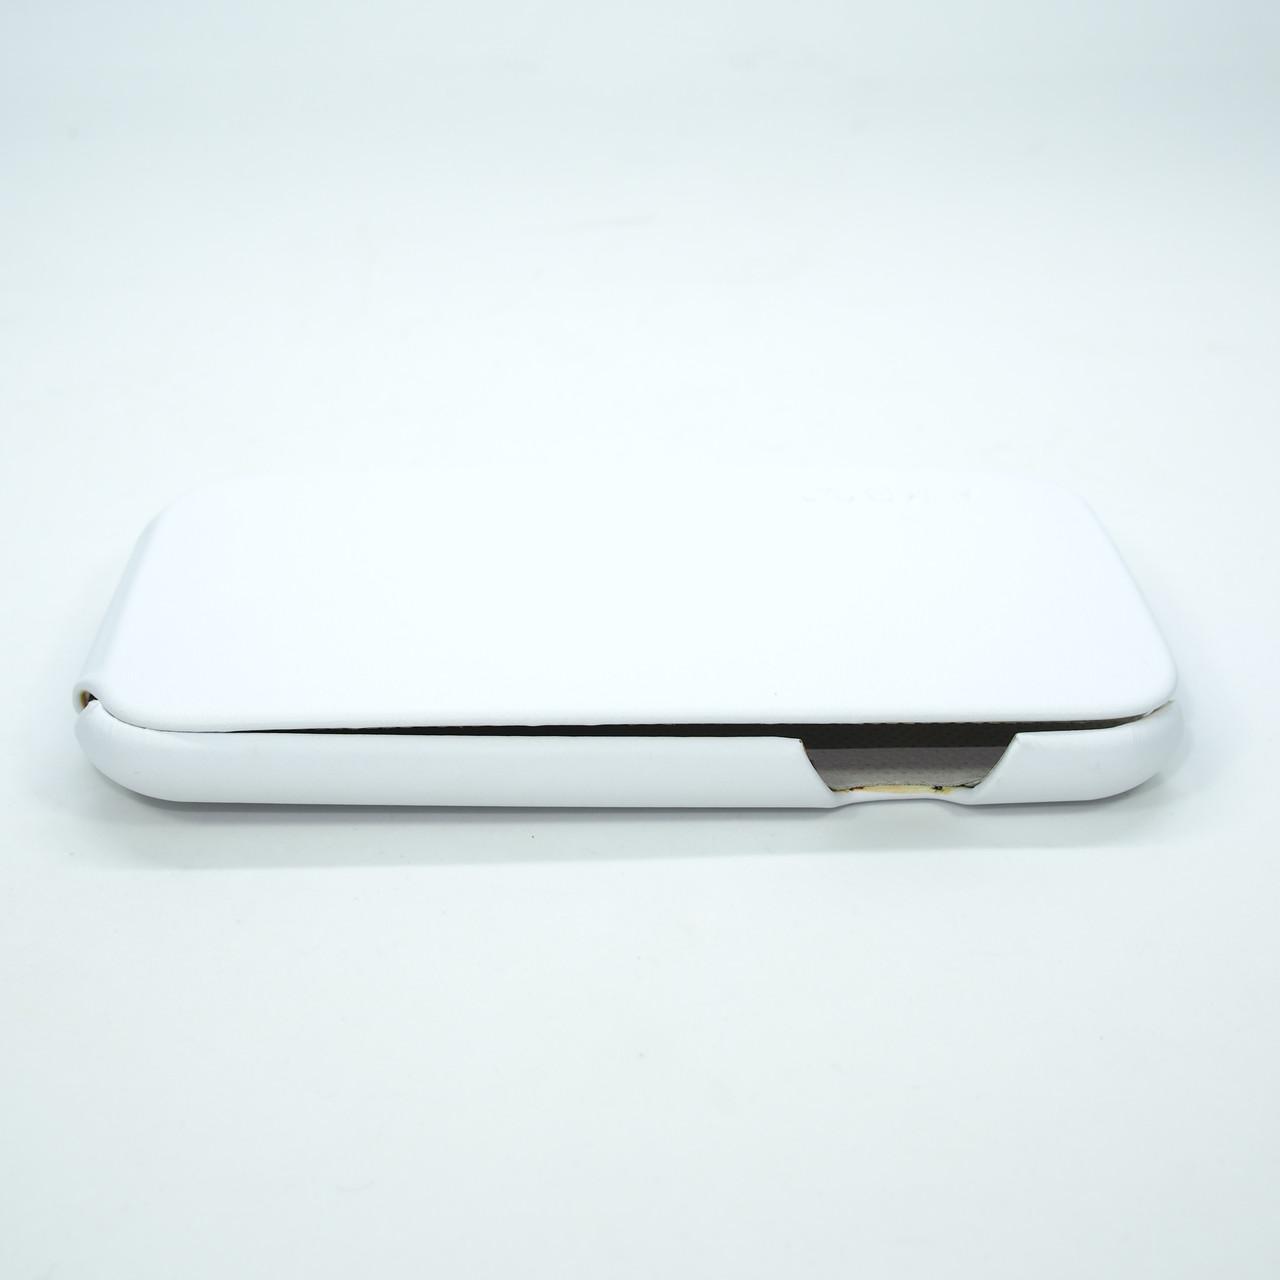 Чехлы для Galaxy S Series (остальные модели) Spigen Argos Samsung S4